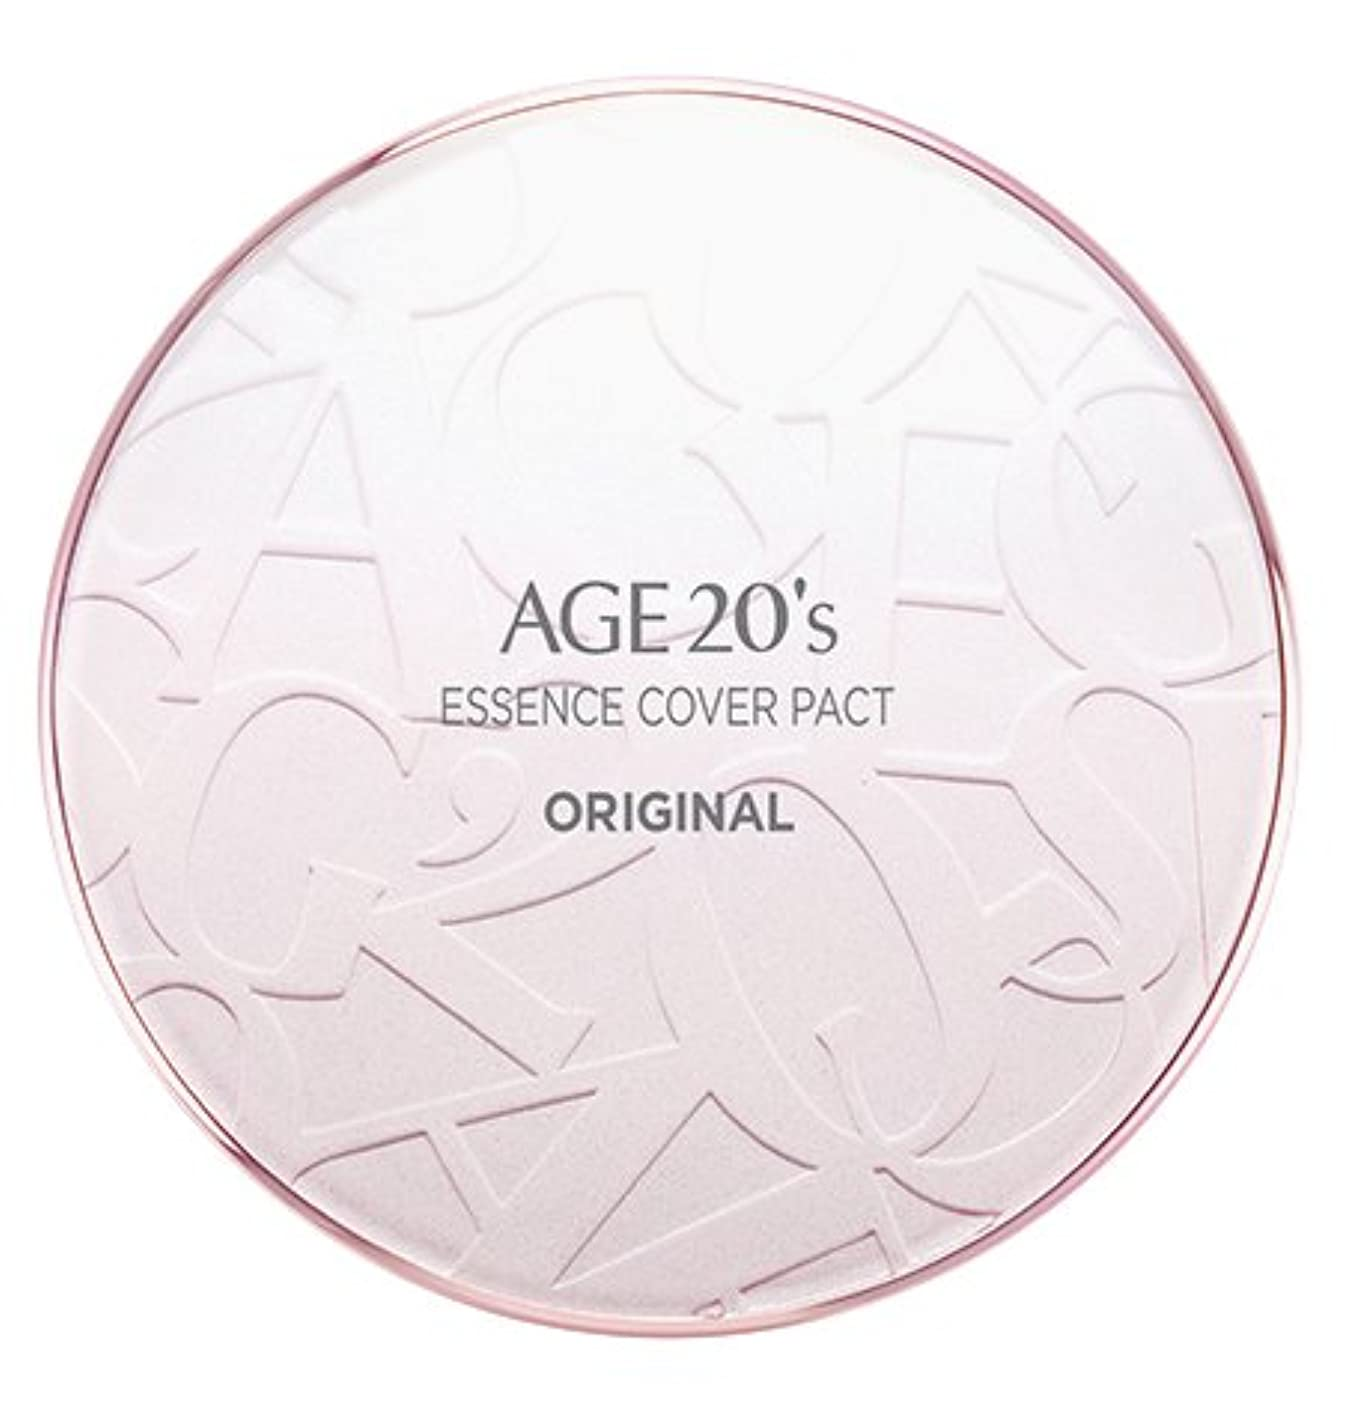 レッドデートアナロジーぴったりAGE 20's Essence Cover Pact Original [Pink Latte] 12.5g + Refill 12.5g (#21)/エイジ 20's エッセンス カバー パクト オリジナル [ピンクラテ] 12.5g + リフィル 12.5g (#21) [並行輸入品]